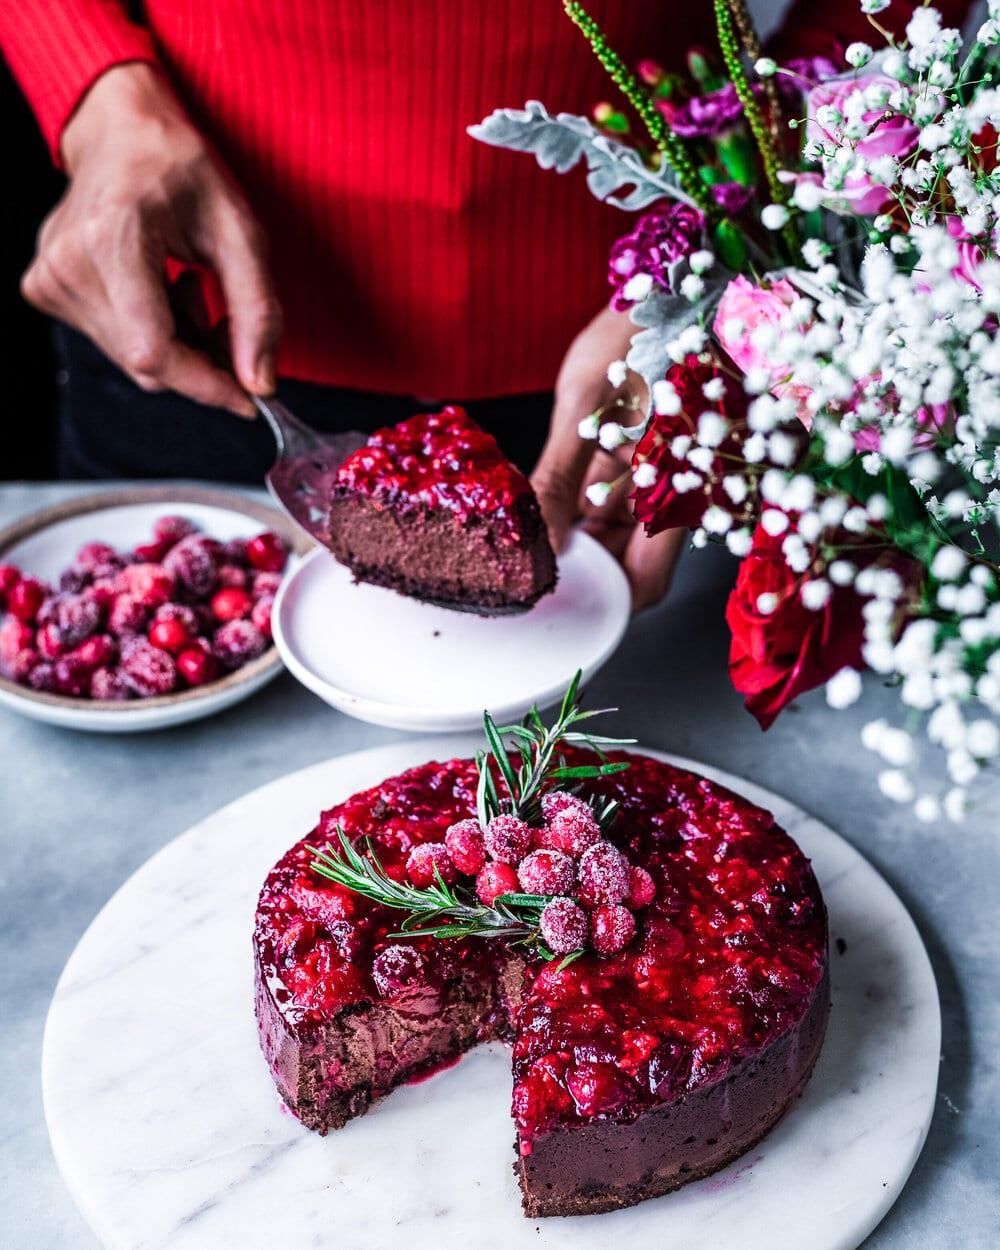 baked+vegan+chocolate+cheesecake++(1+of+1) (2).jpg